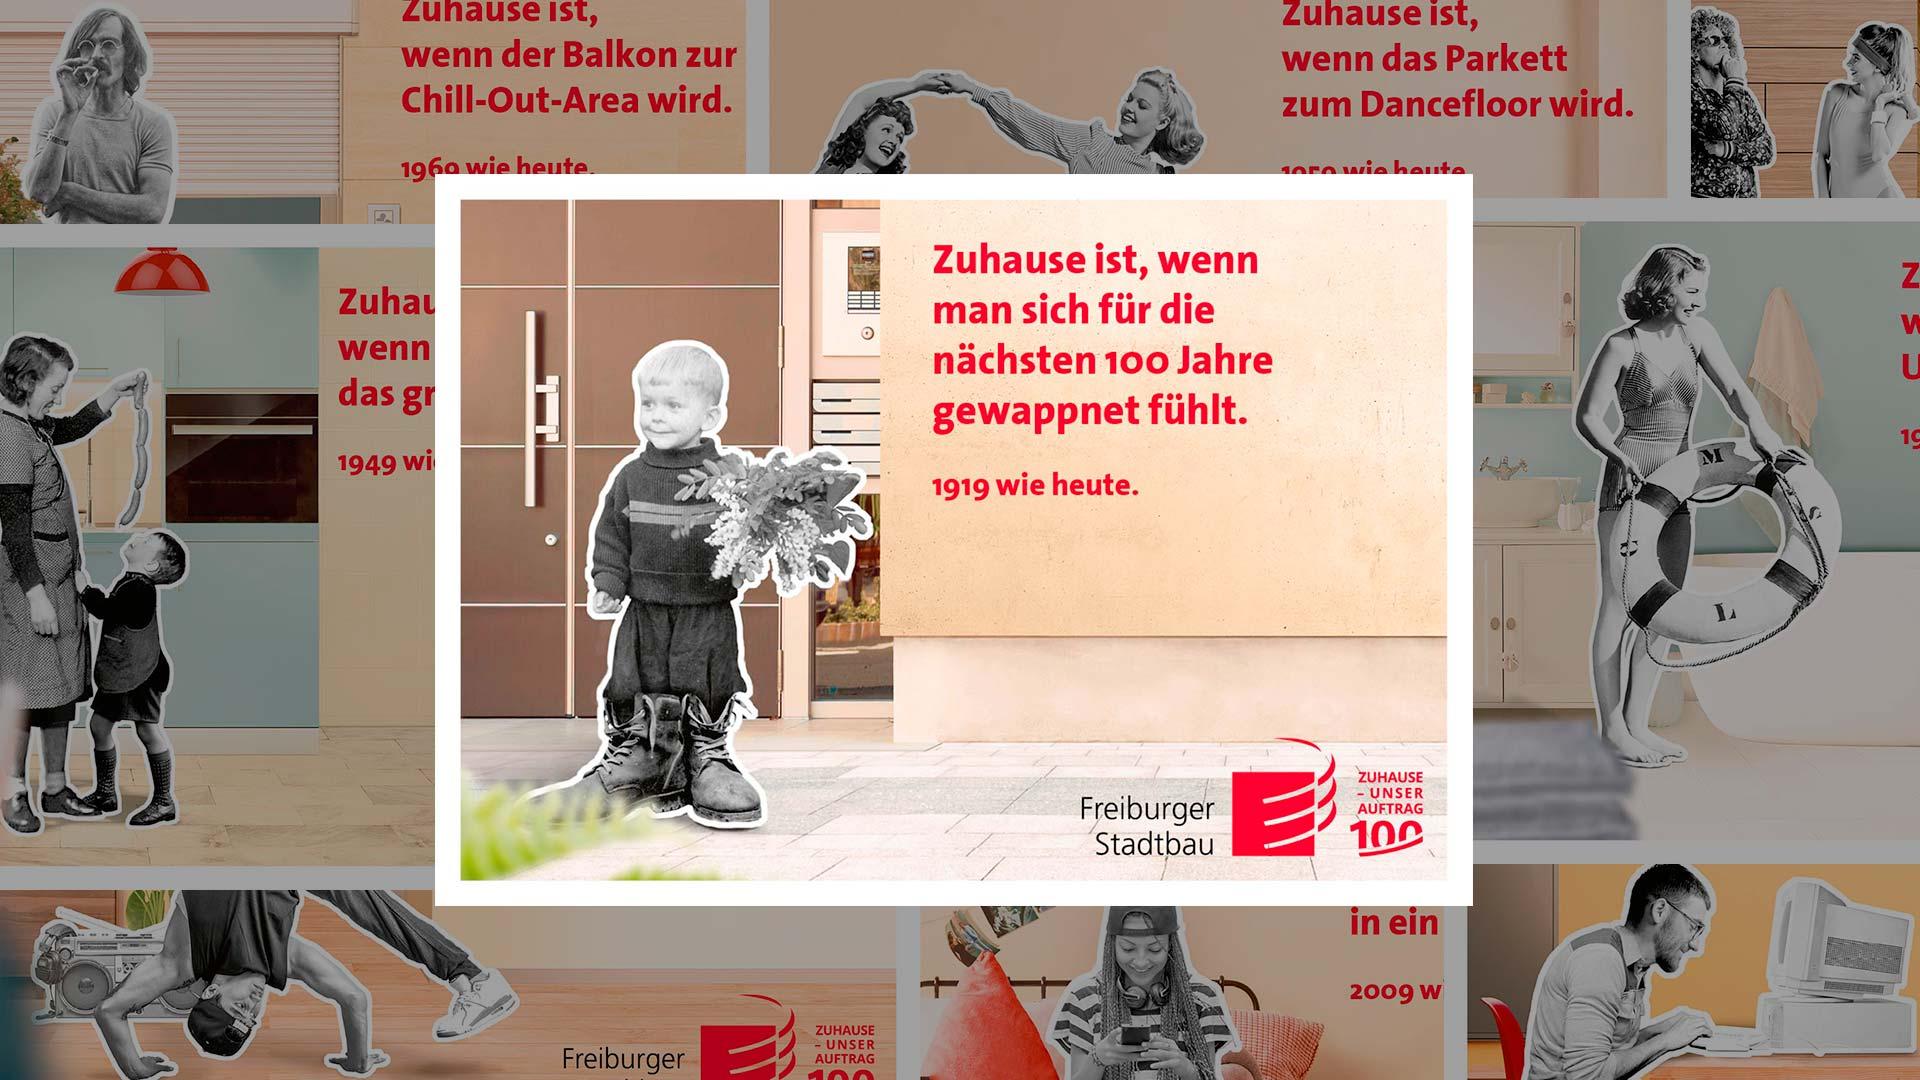 Collage aller Motive für die Freiburger Stadtbau FSB zum 100 jährigen Jubiläum im Jahr 2019. Auf dem Motiv mittig zu sehen: Ein kleiner Junge in schwarz weiß aus dem Jahr 1919 steht vor einem modernen Haus im Jahr 2019. Text: Zuhause ist, wenn man sich für die nächsten 100 Jahre gewappnet fühlt. 1919 wie heute.